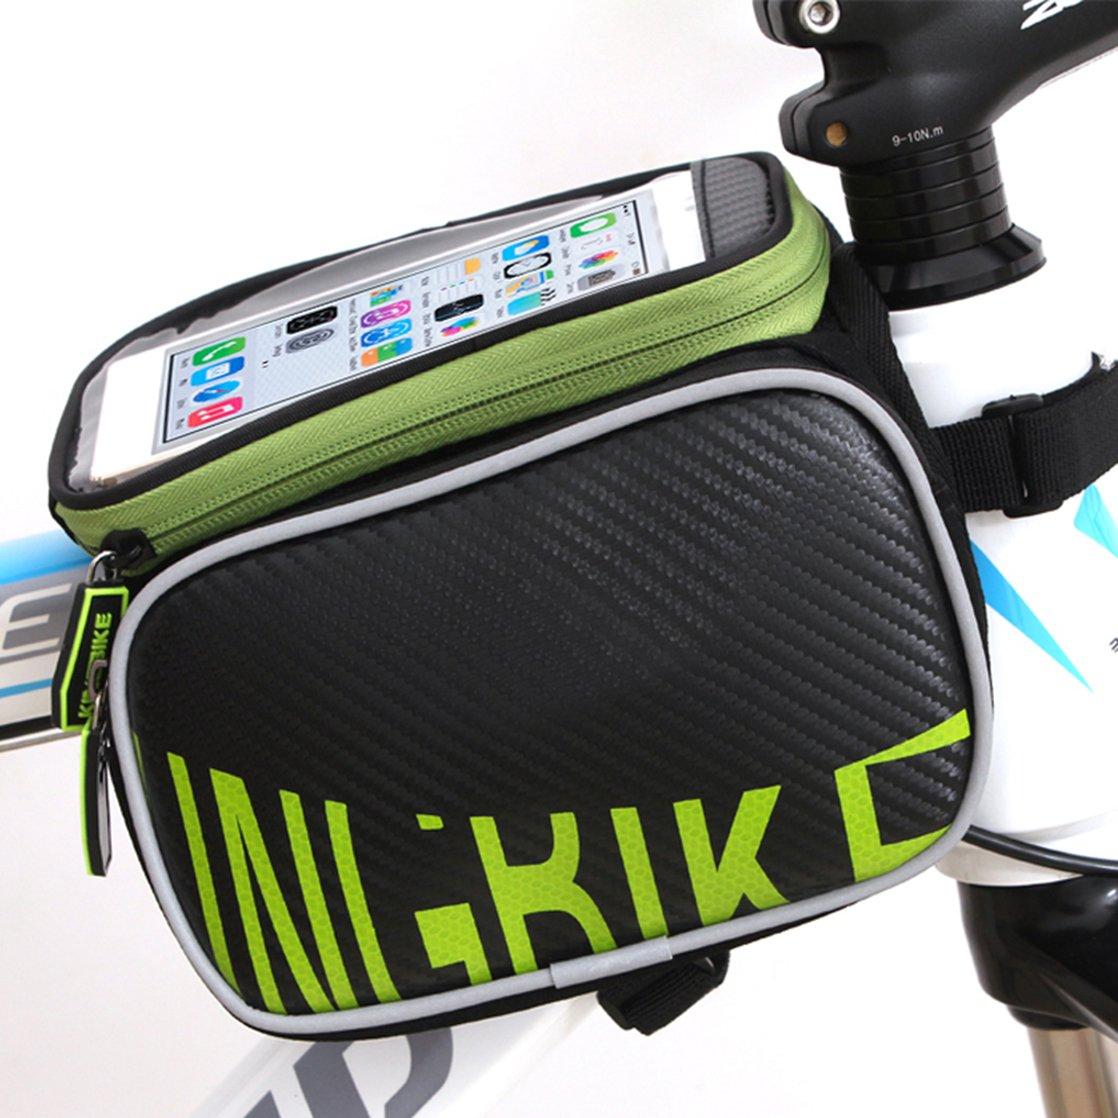 防水自転車トップチューブバッグ  グリーンアンドブラック B011K5C7A4